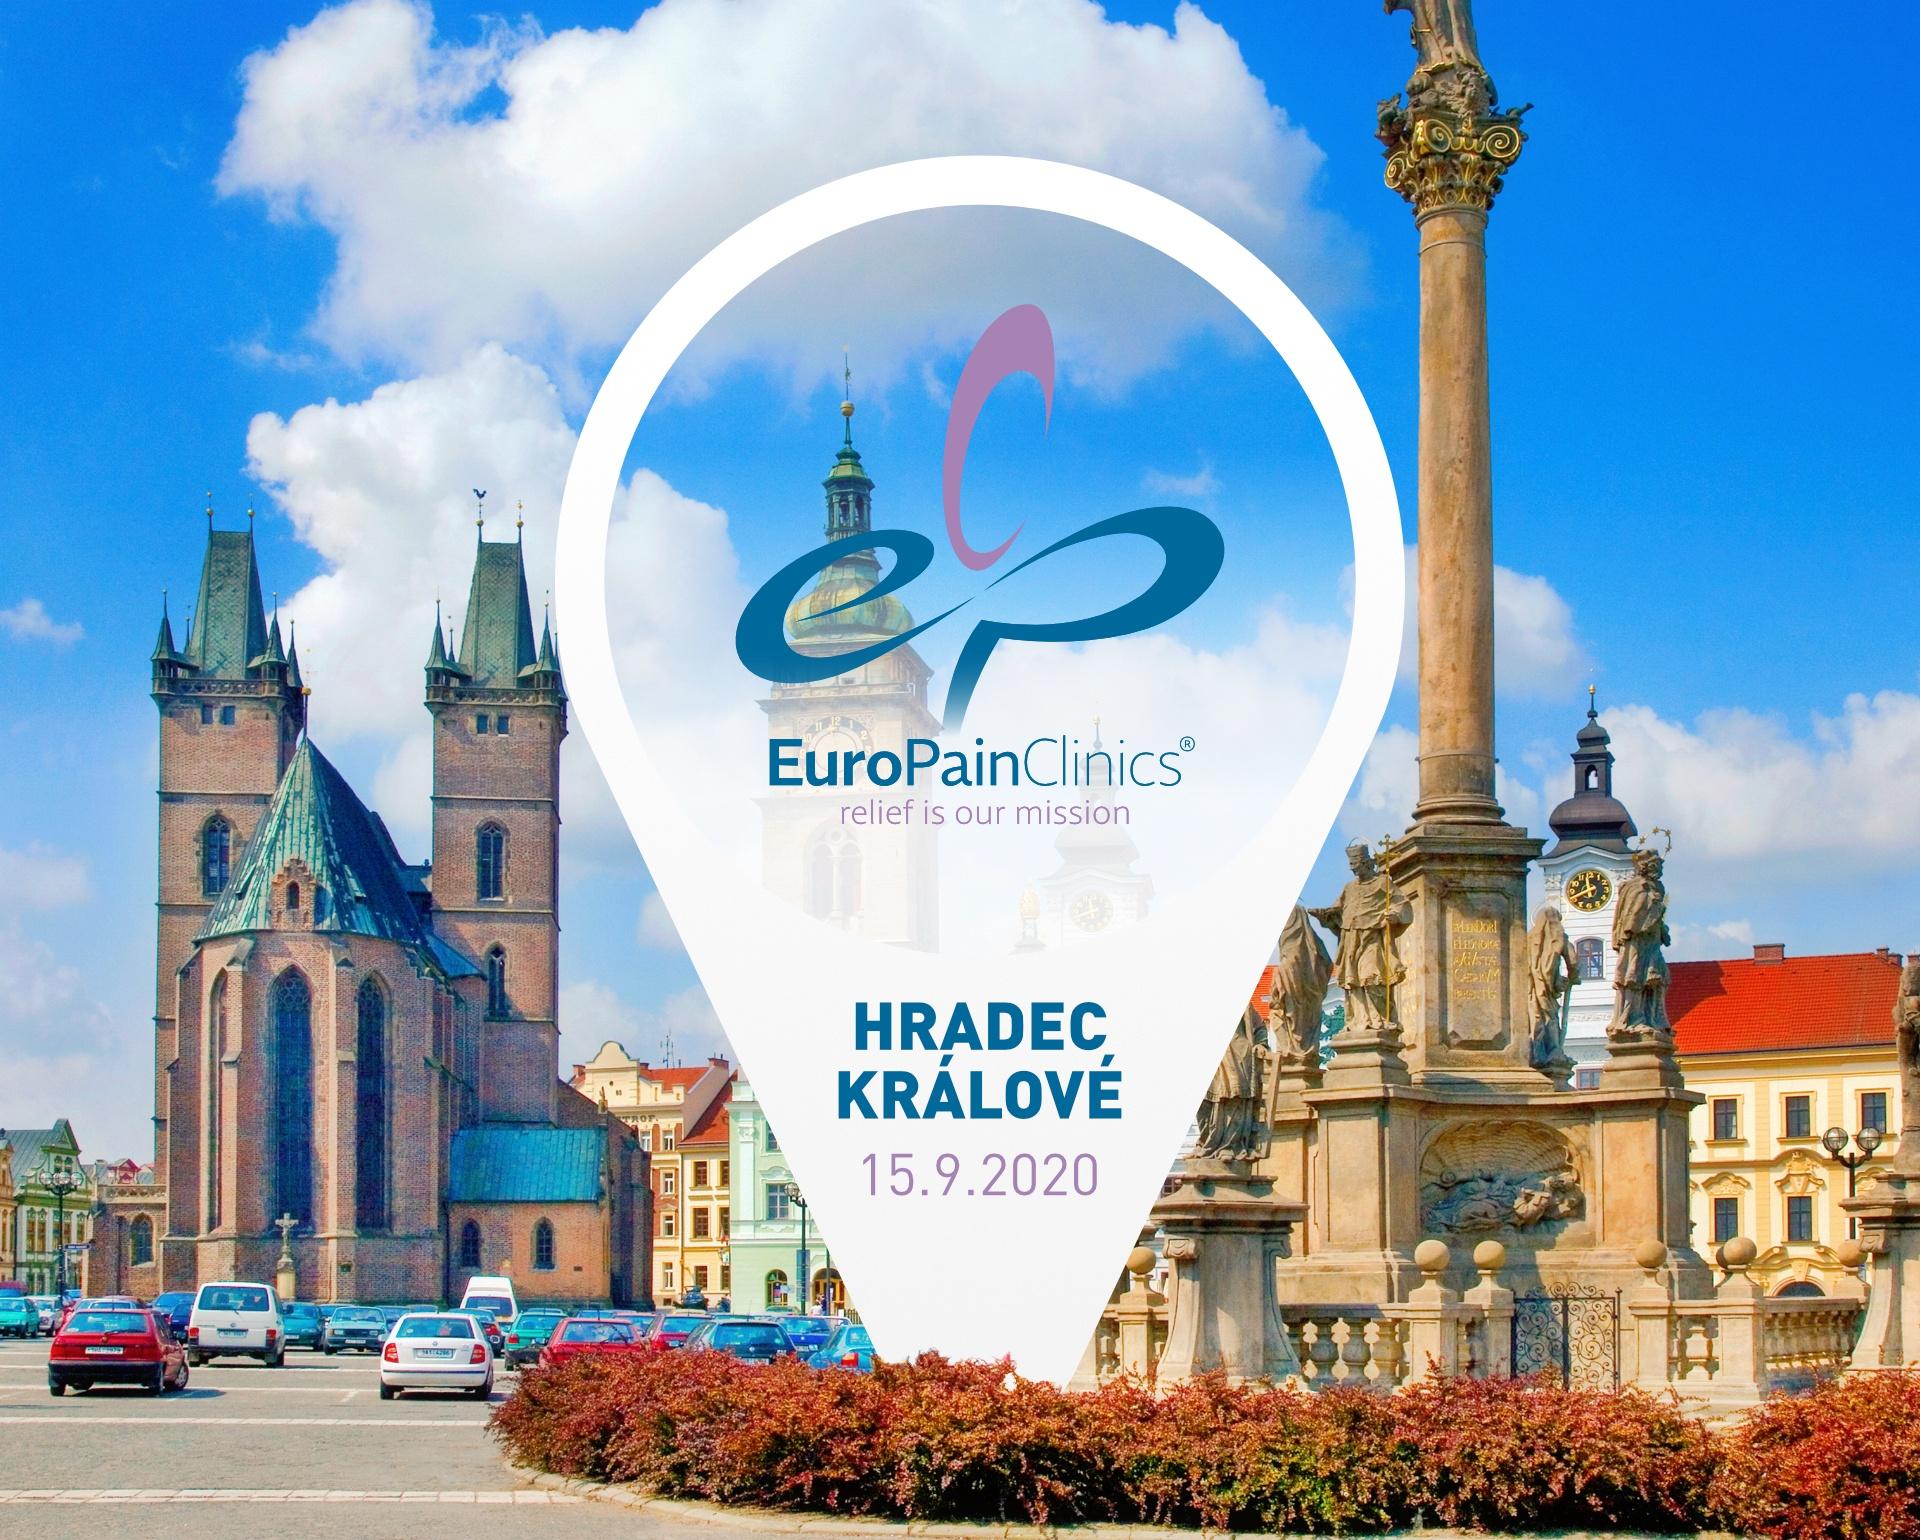 Nová pracoviště v Ostravě a Hradci Králové od září 2020